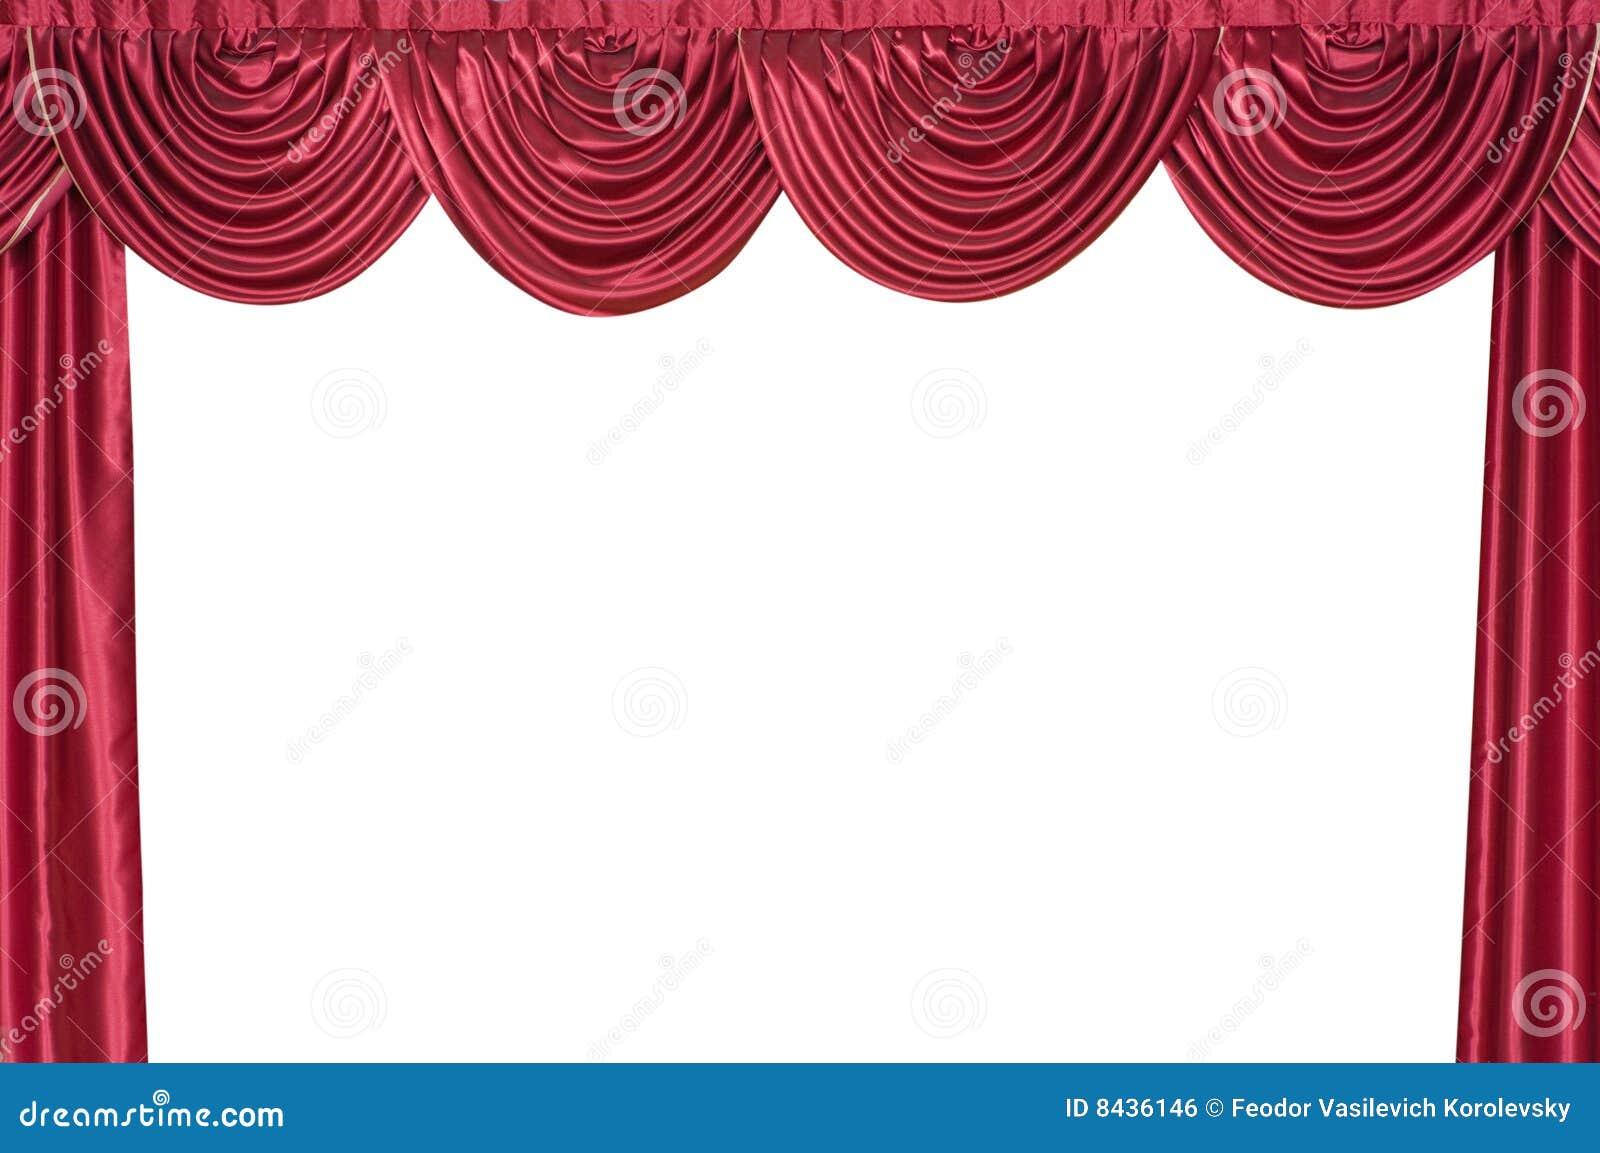 Curtain on a theatre scene.